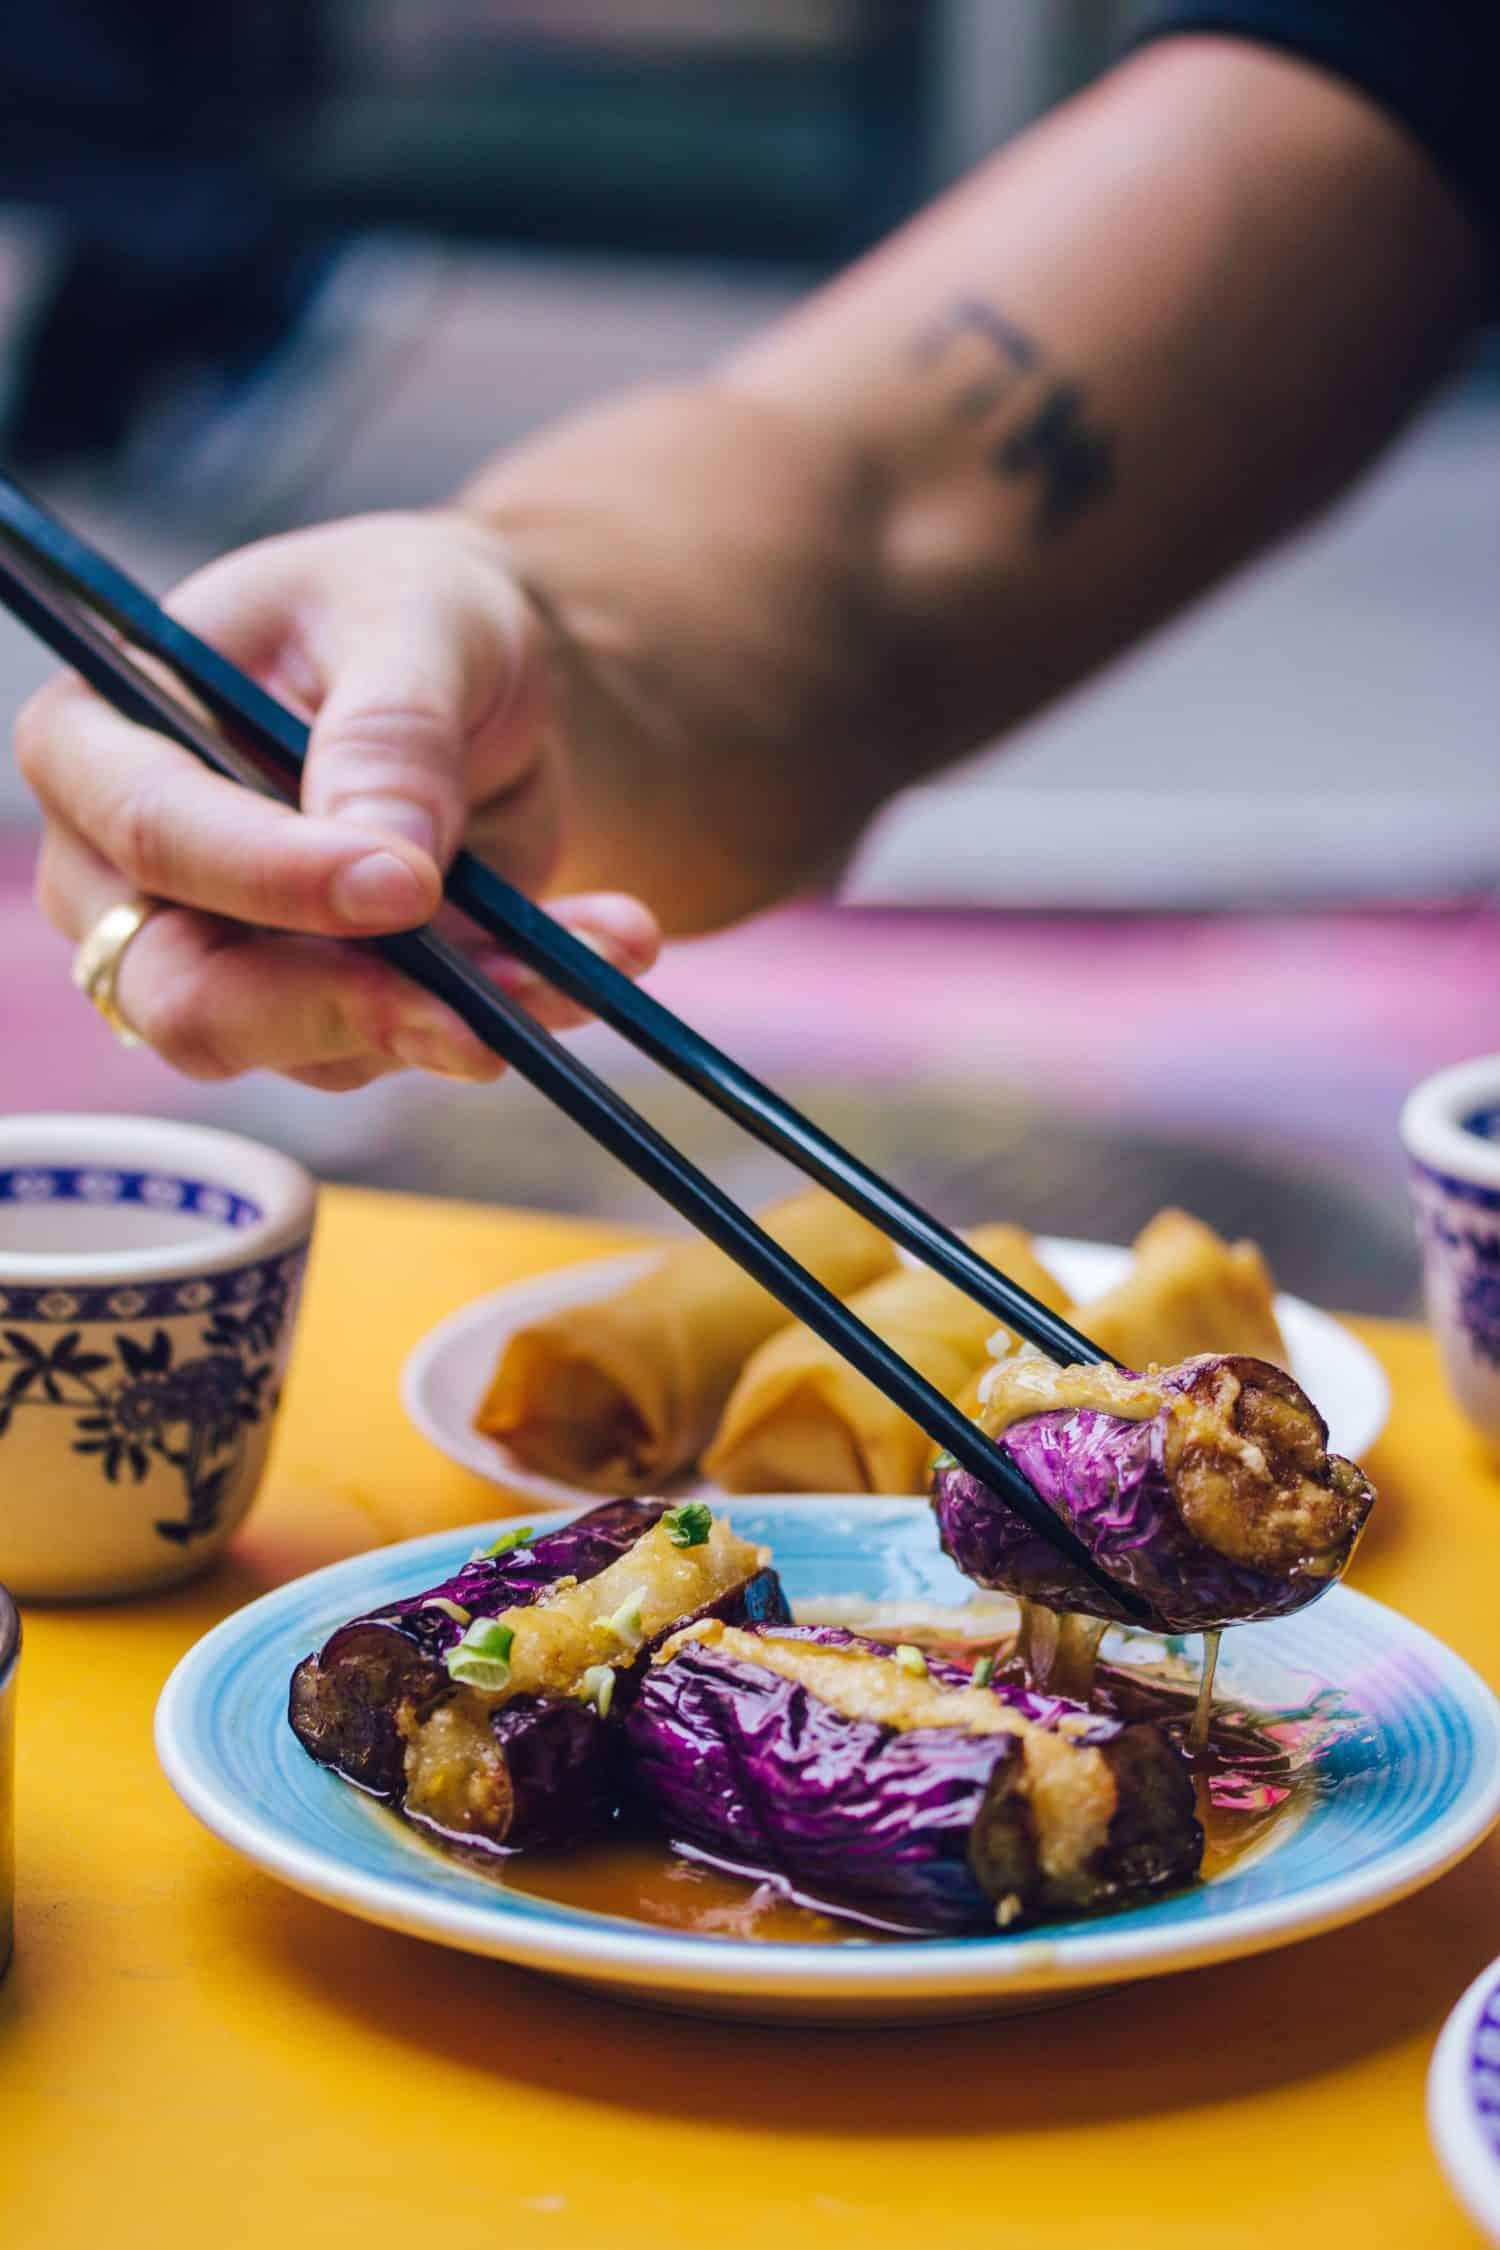 chinesisch Essen mit Stäbchen in Vancouver, Kanada